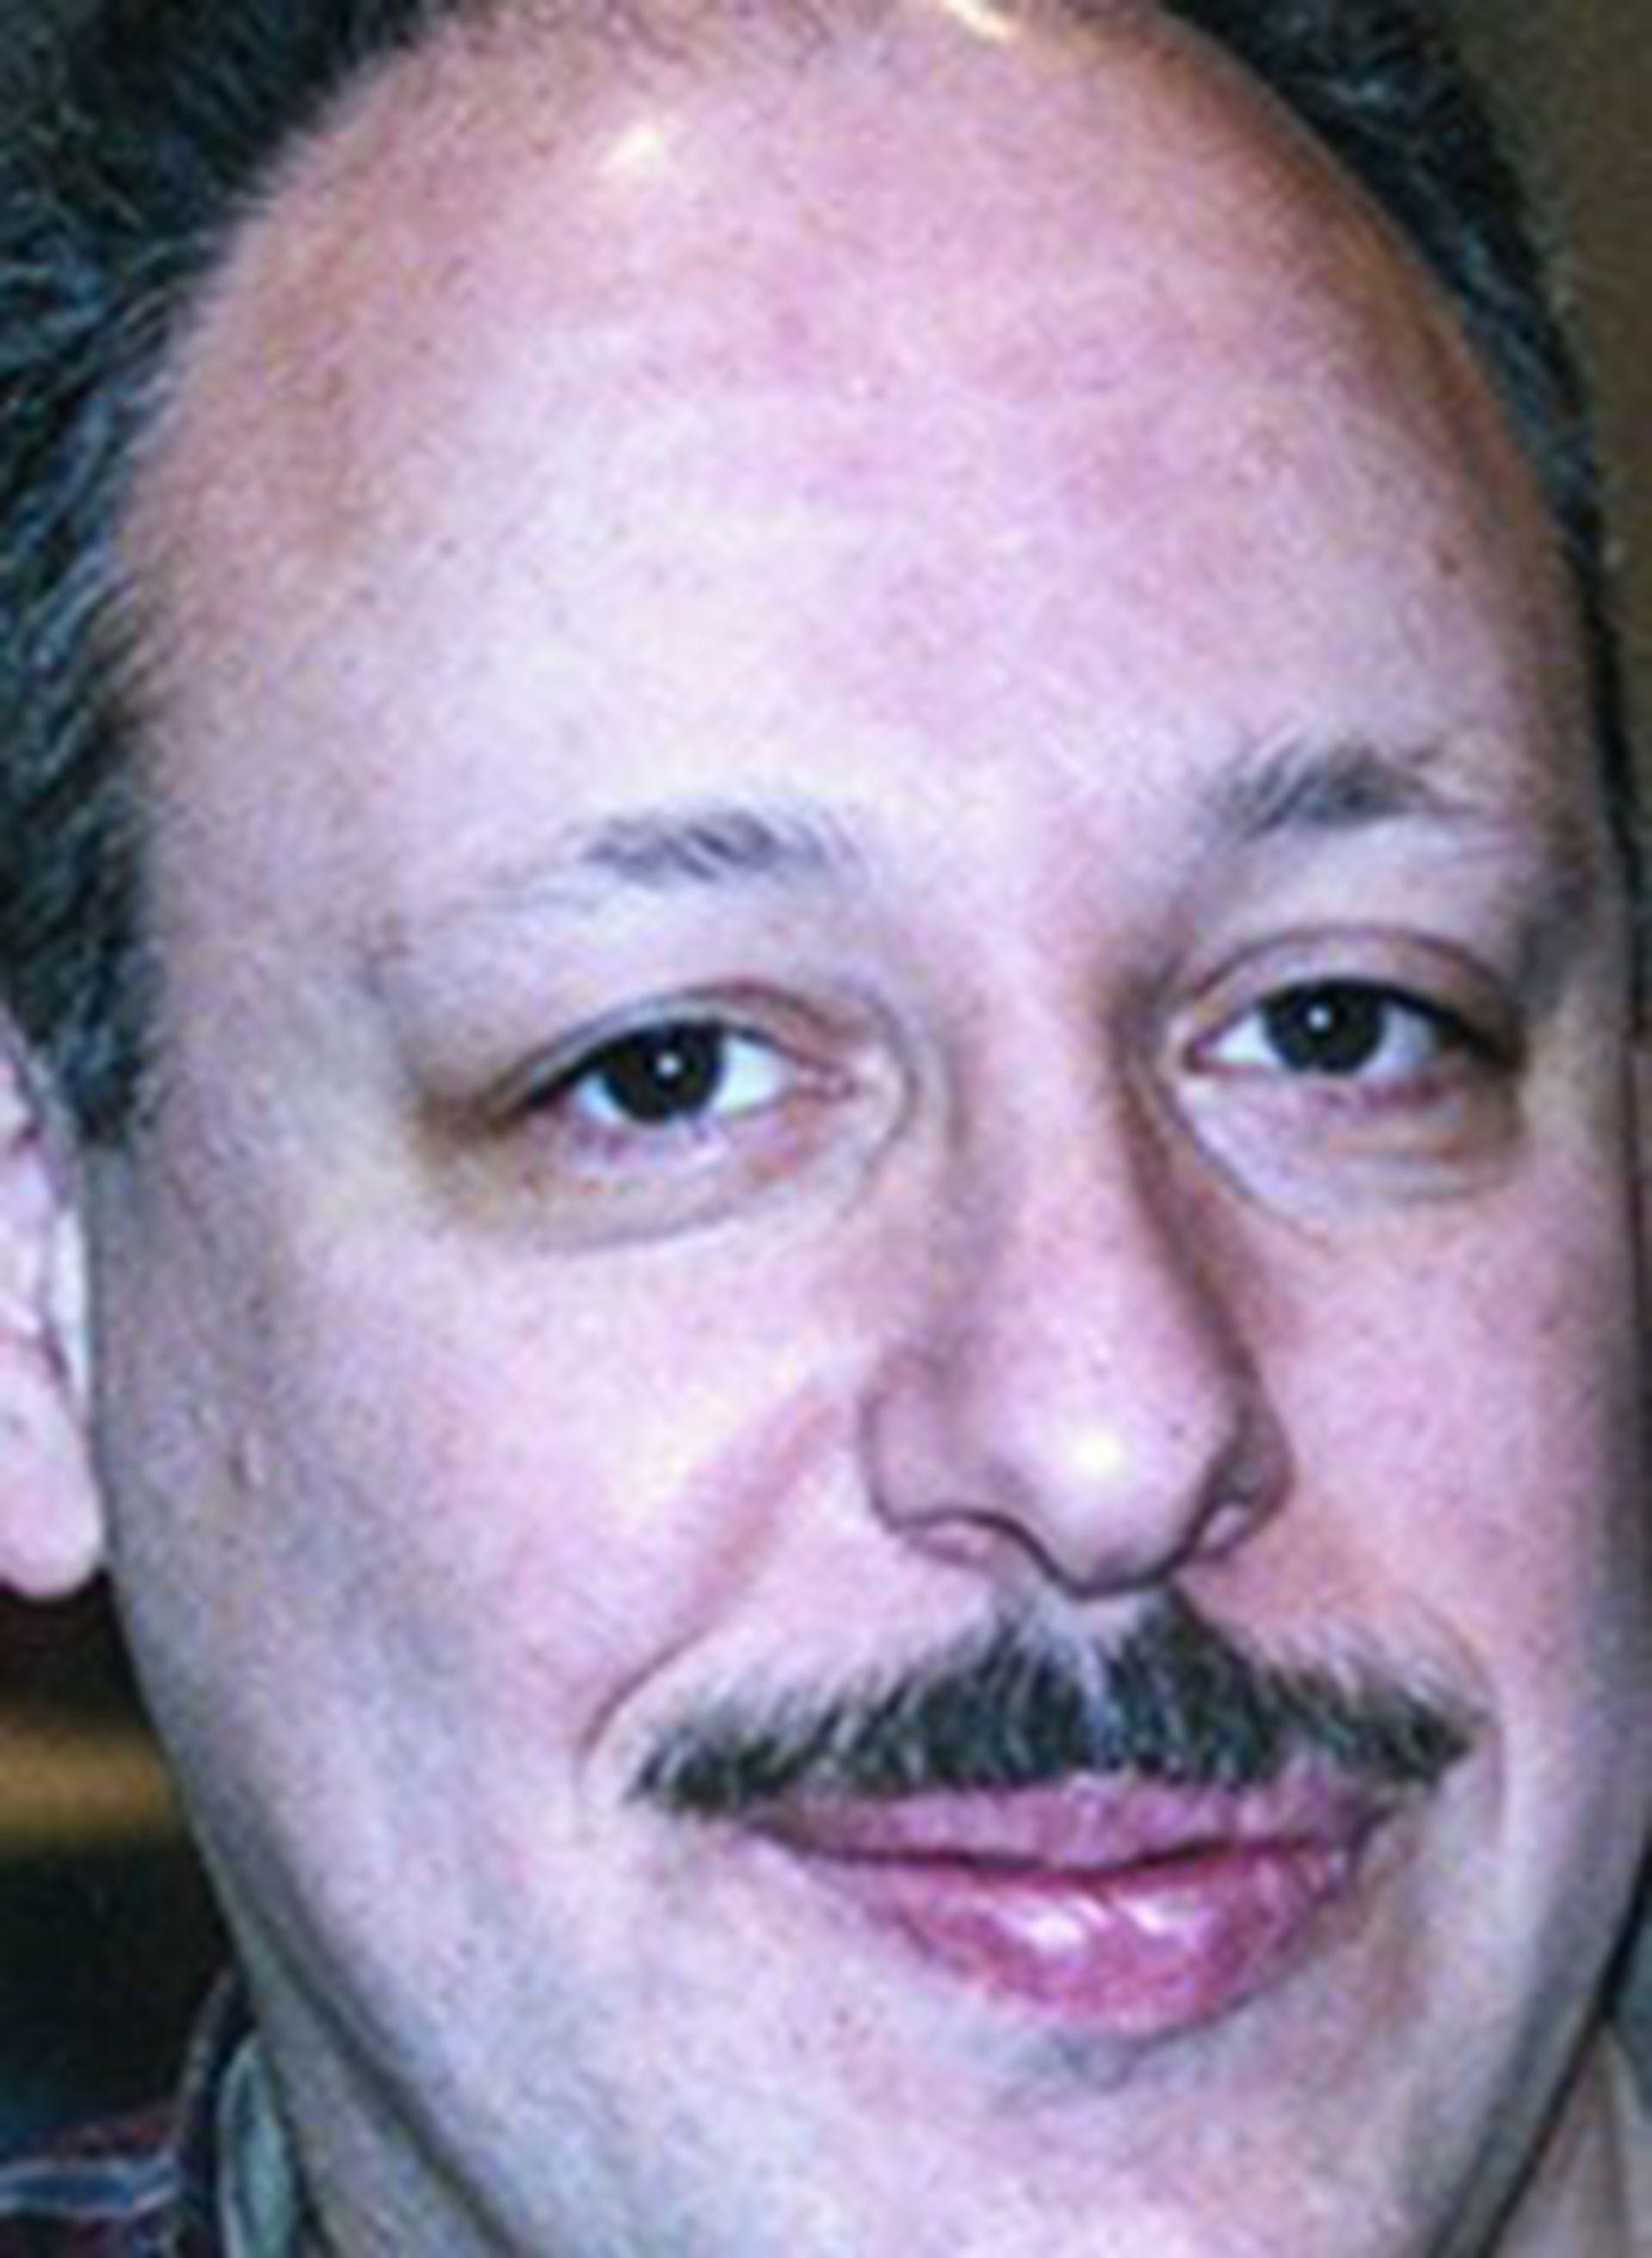 Guillermo Alejandro Chalcoff trabajaba como desarrollador de software en una empresa que tenía oficinas en las Torres Gemelas, en donde se encontraba el día del ataque terrorista